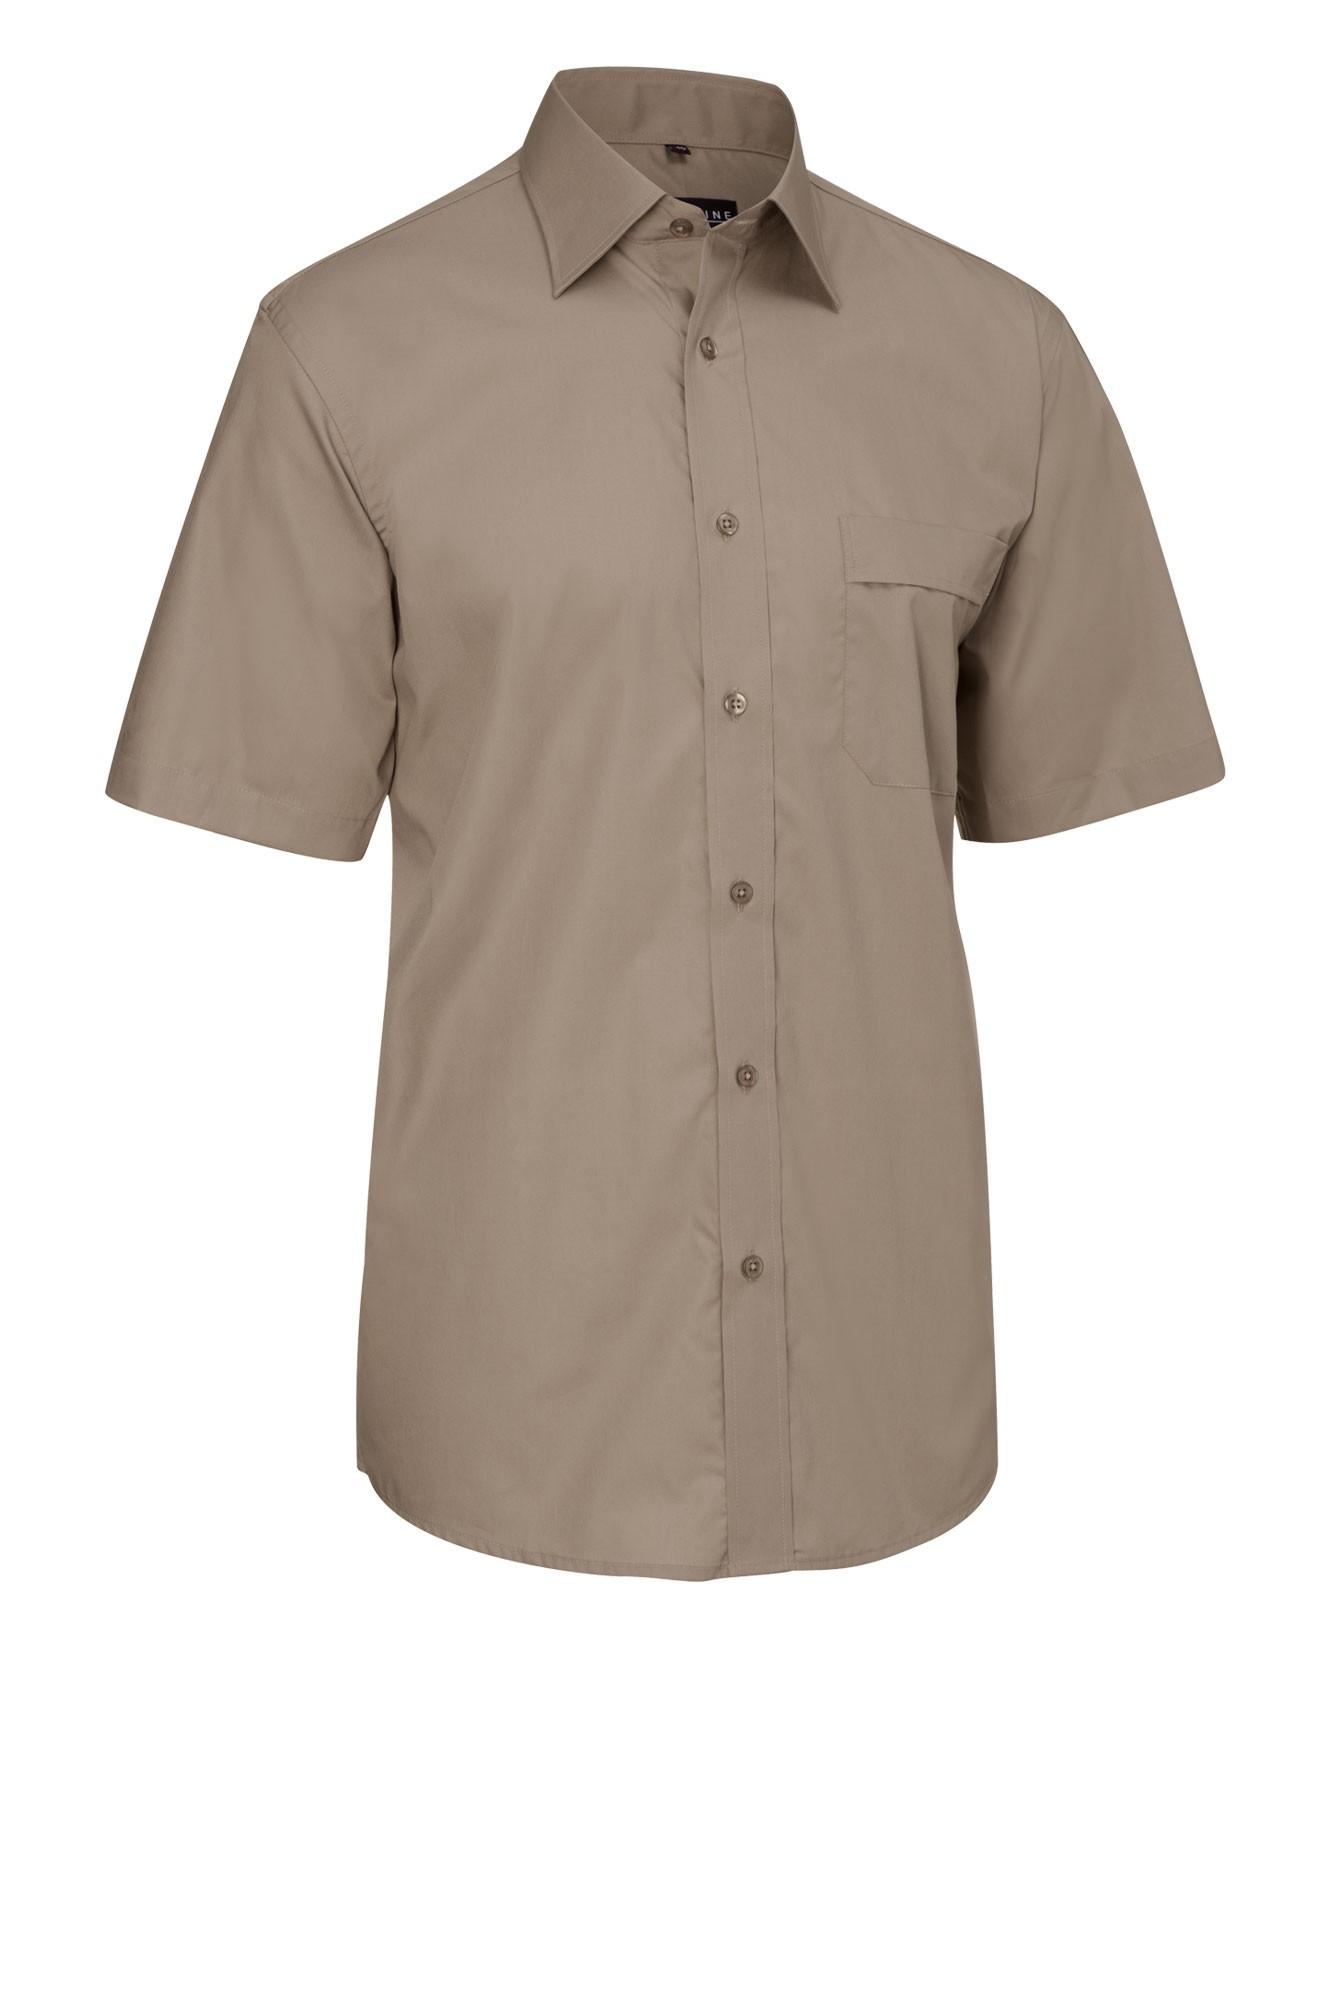 Pánská košile Marc - šedohnědá/krátký rukáv